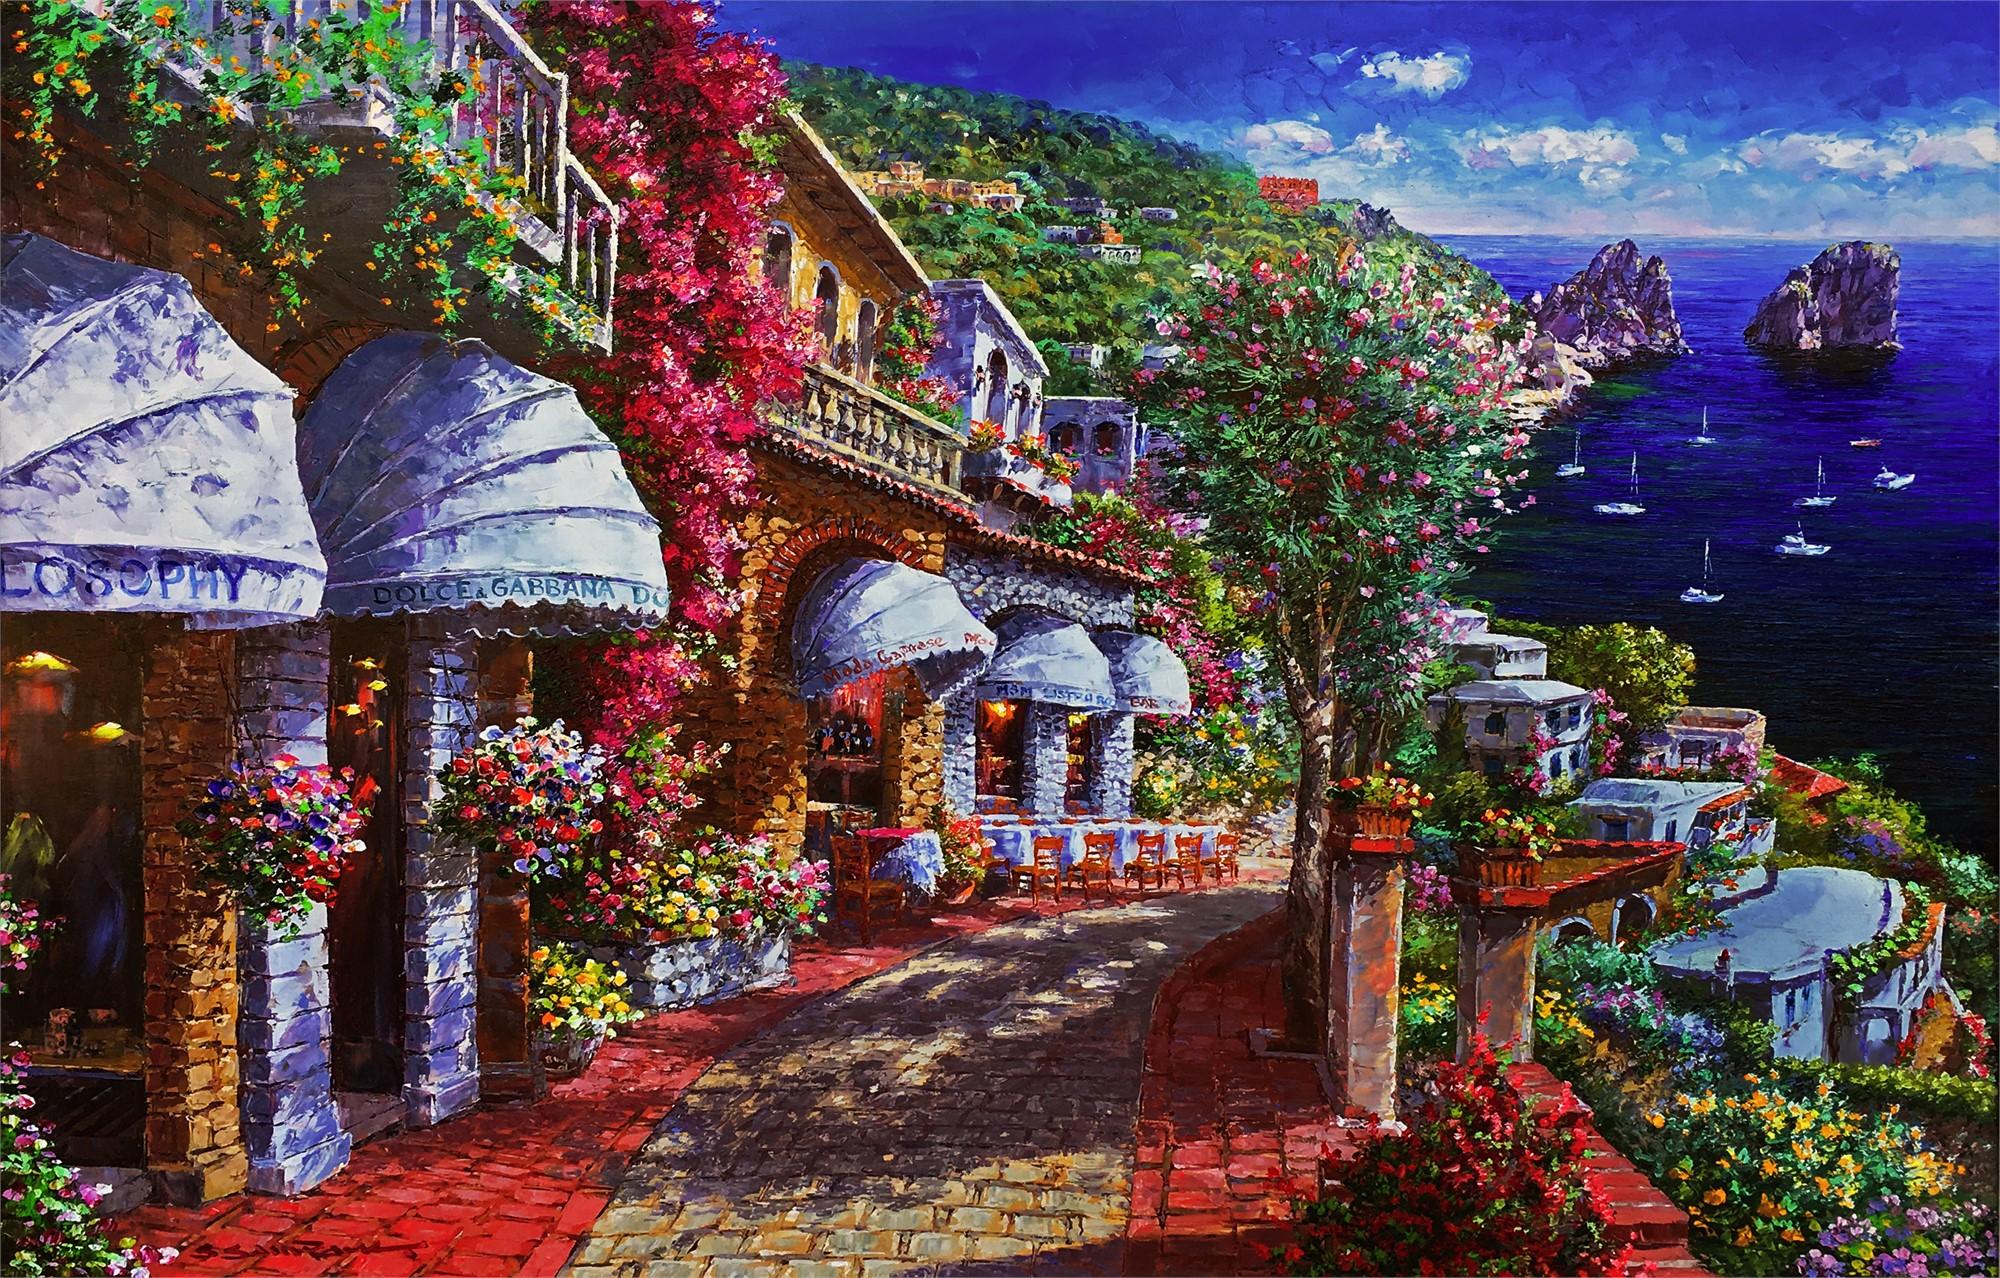 Capri by S. PARK